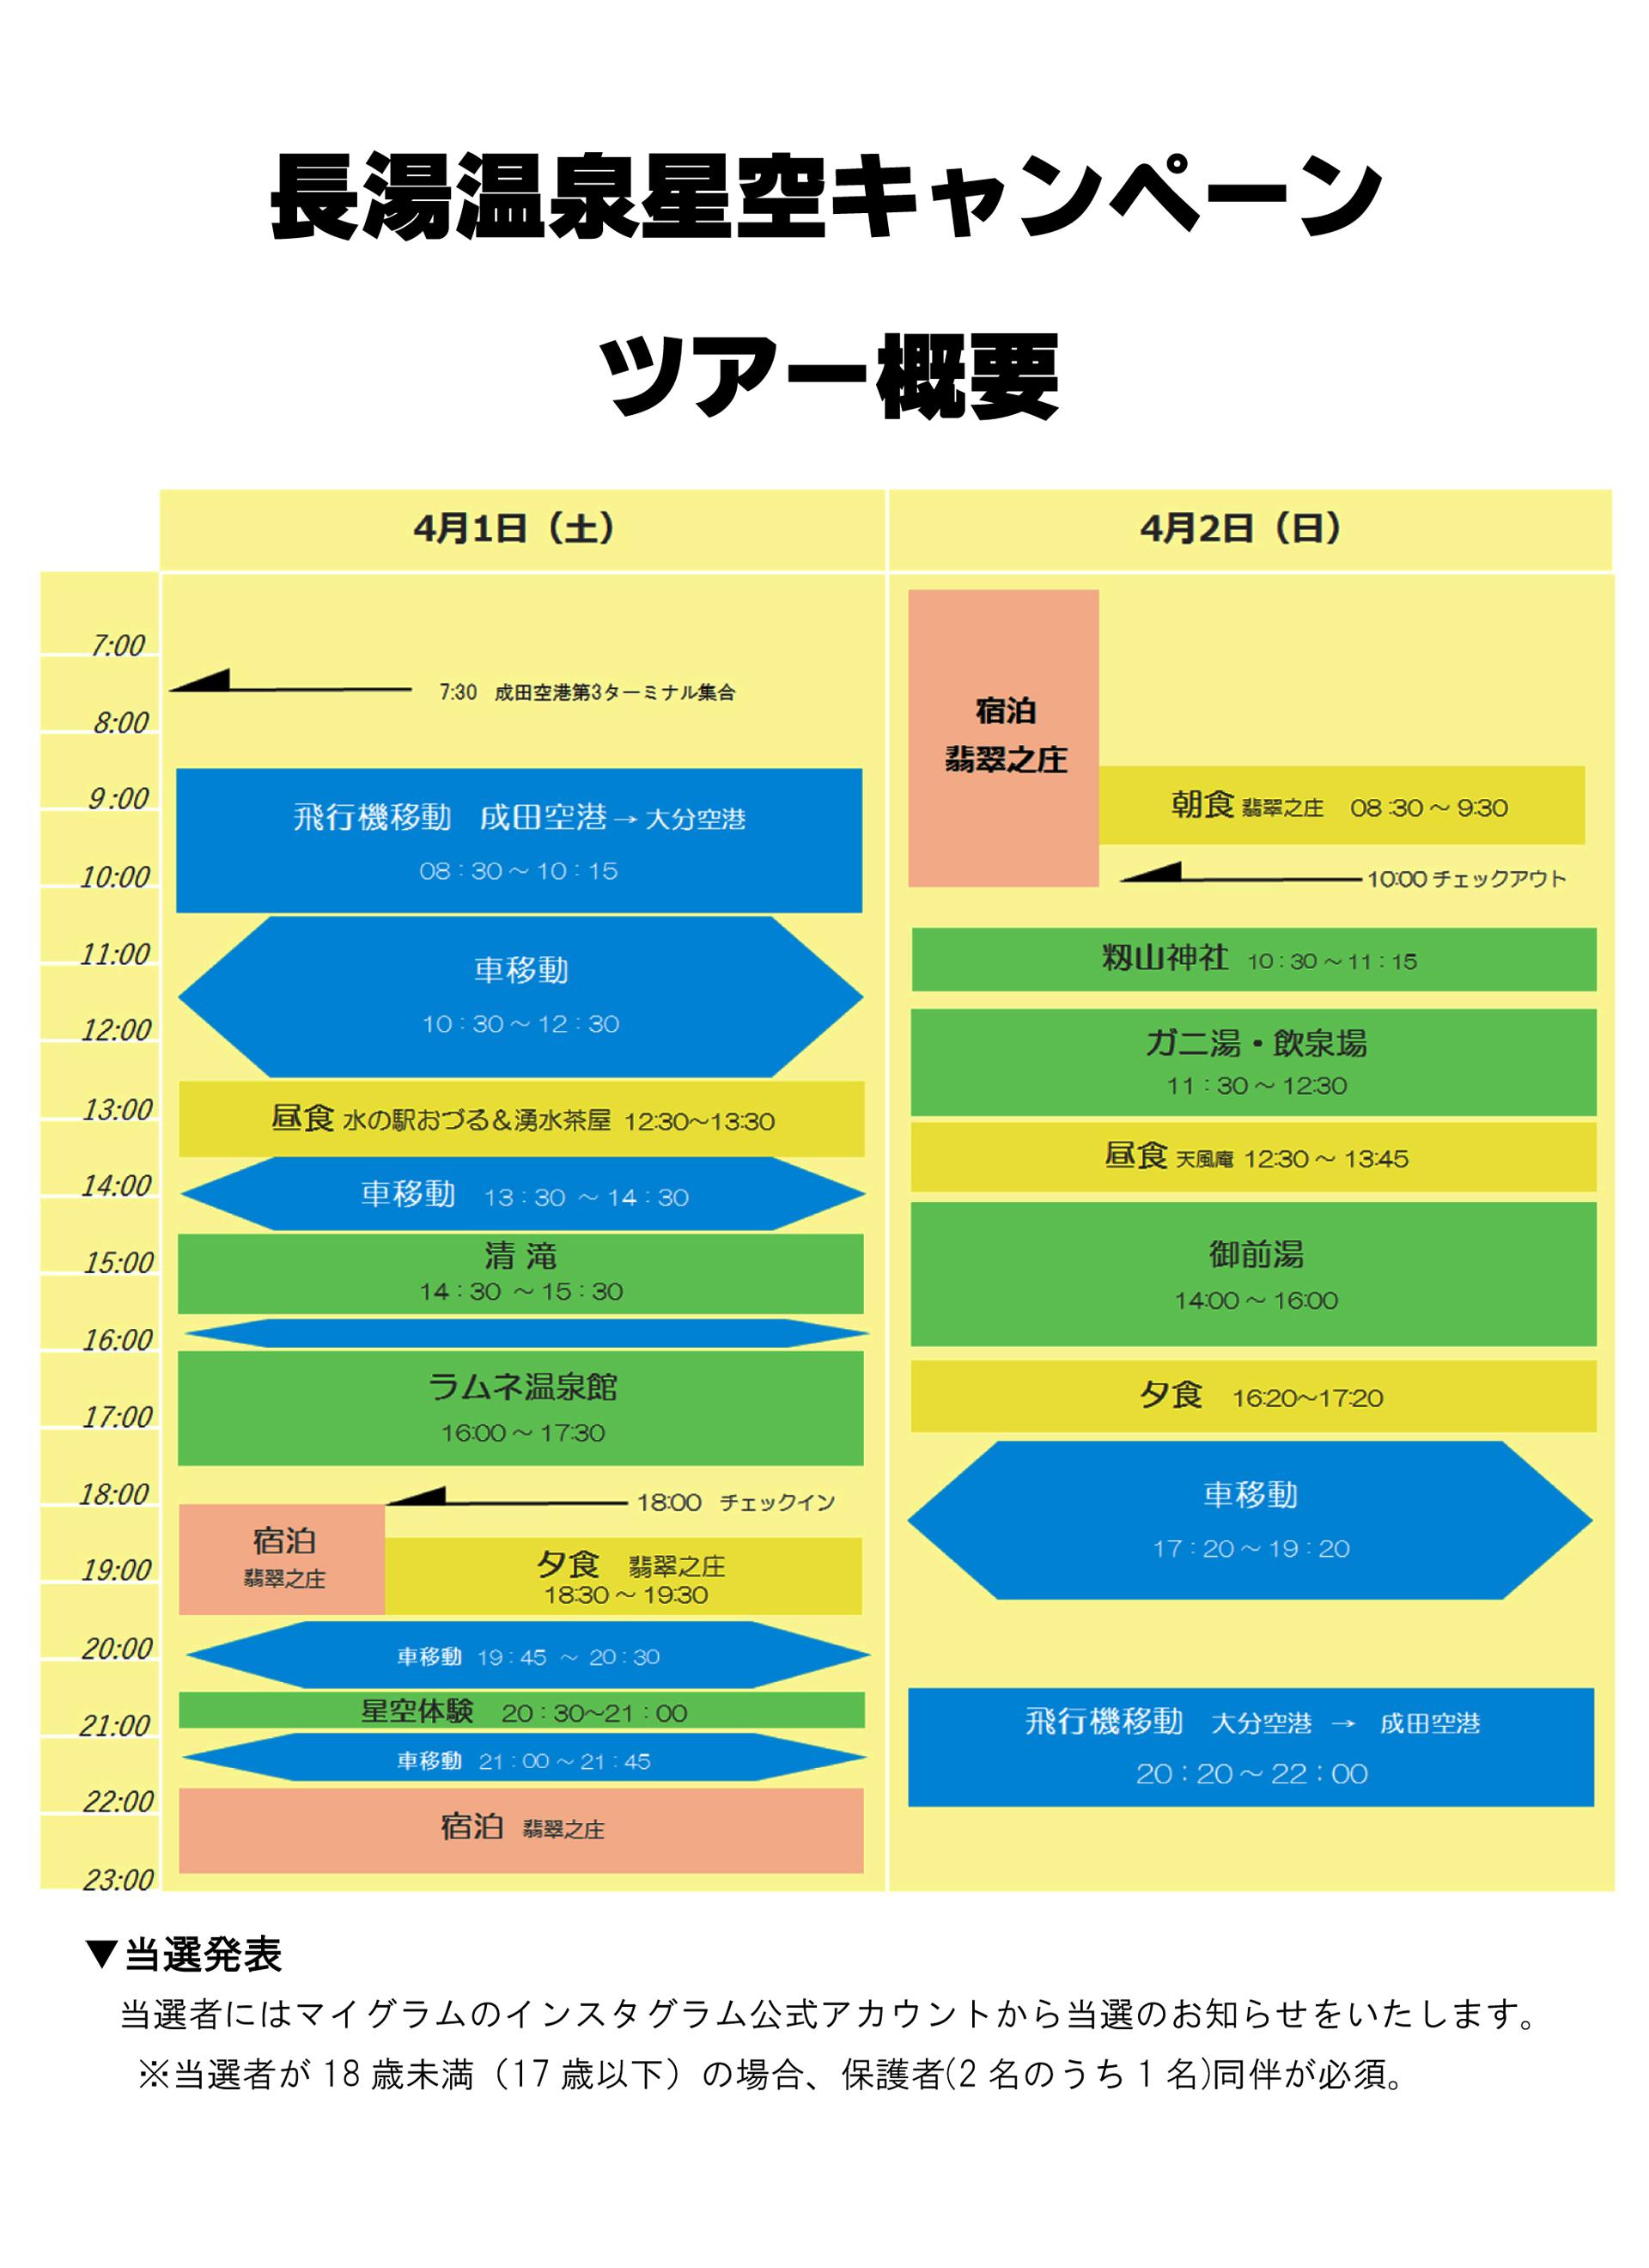 『長湯温泉星空キャンペーンツアー』ツアー概要-1